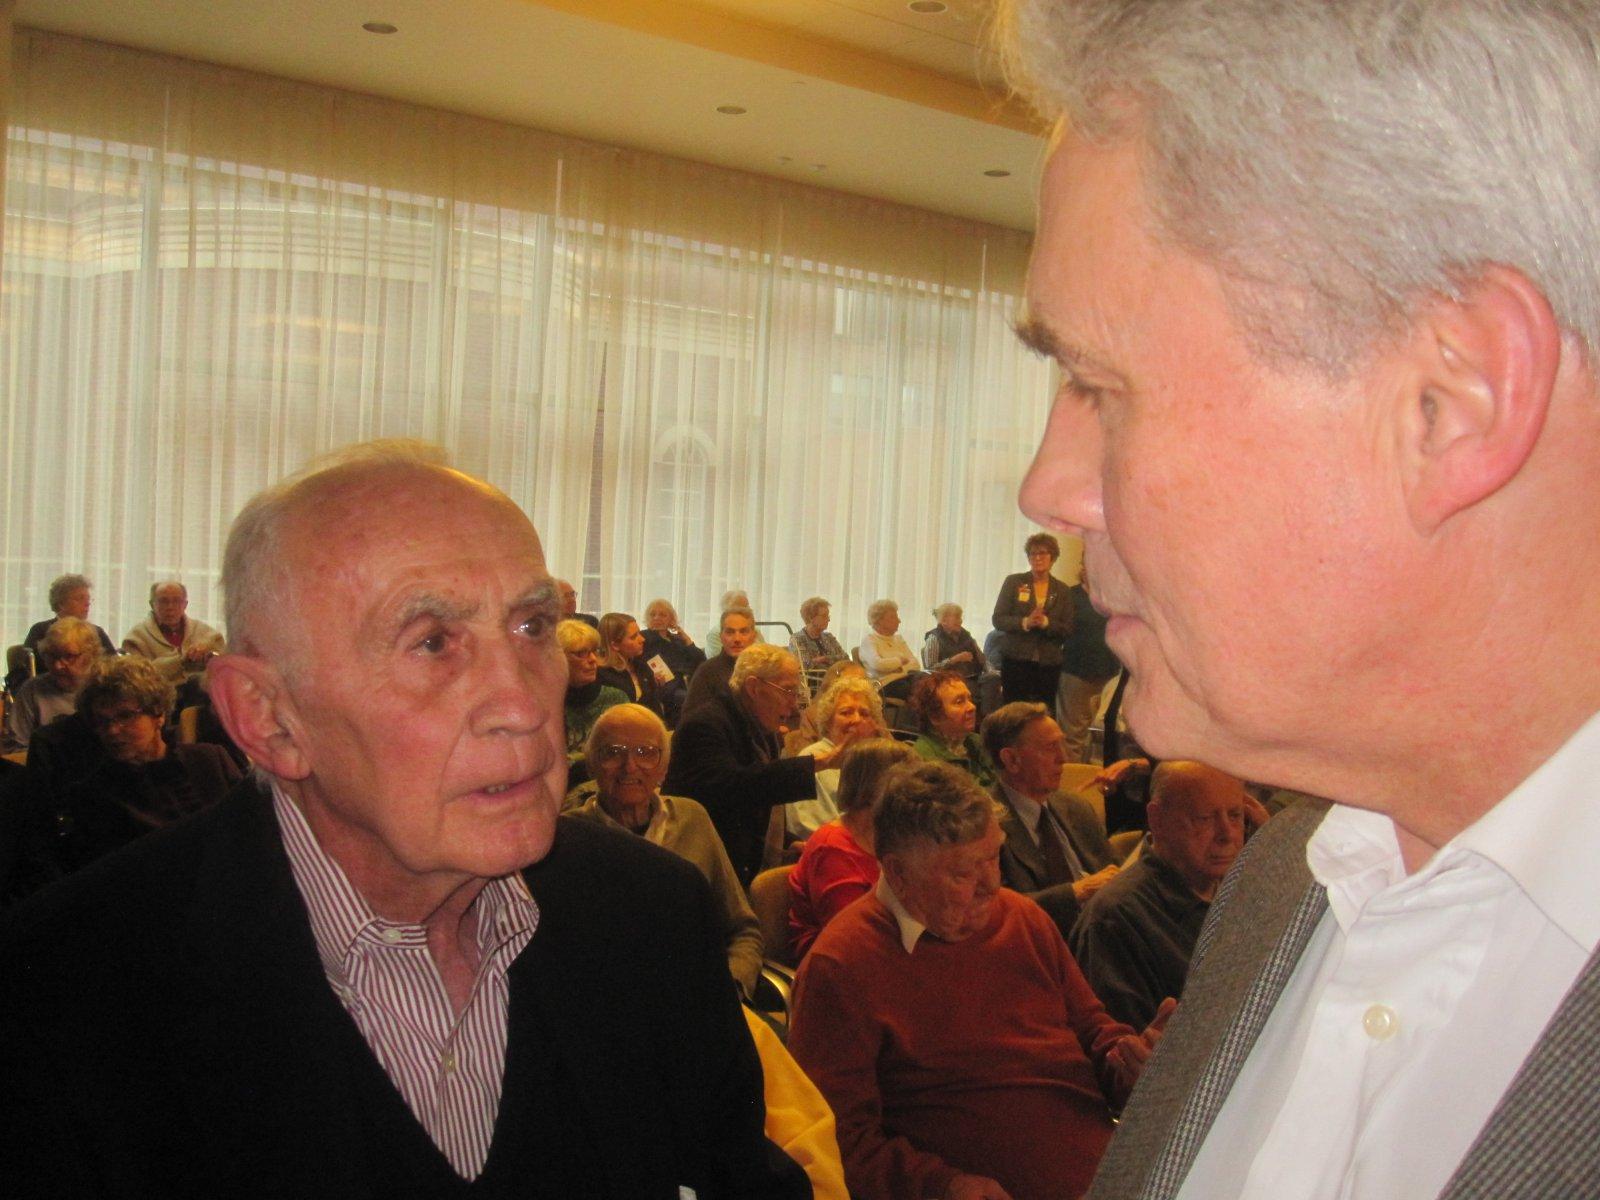 Dennis Conta and Robert Bauman